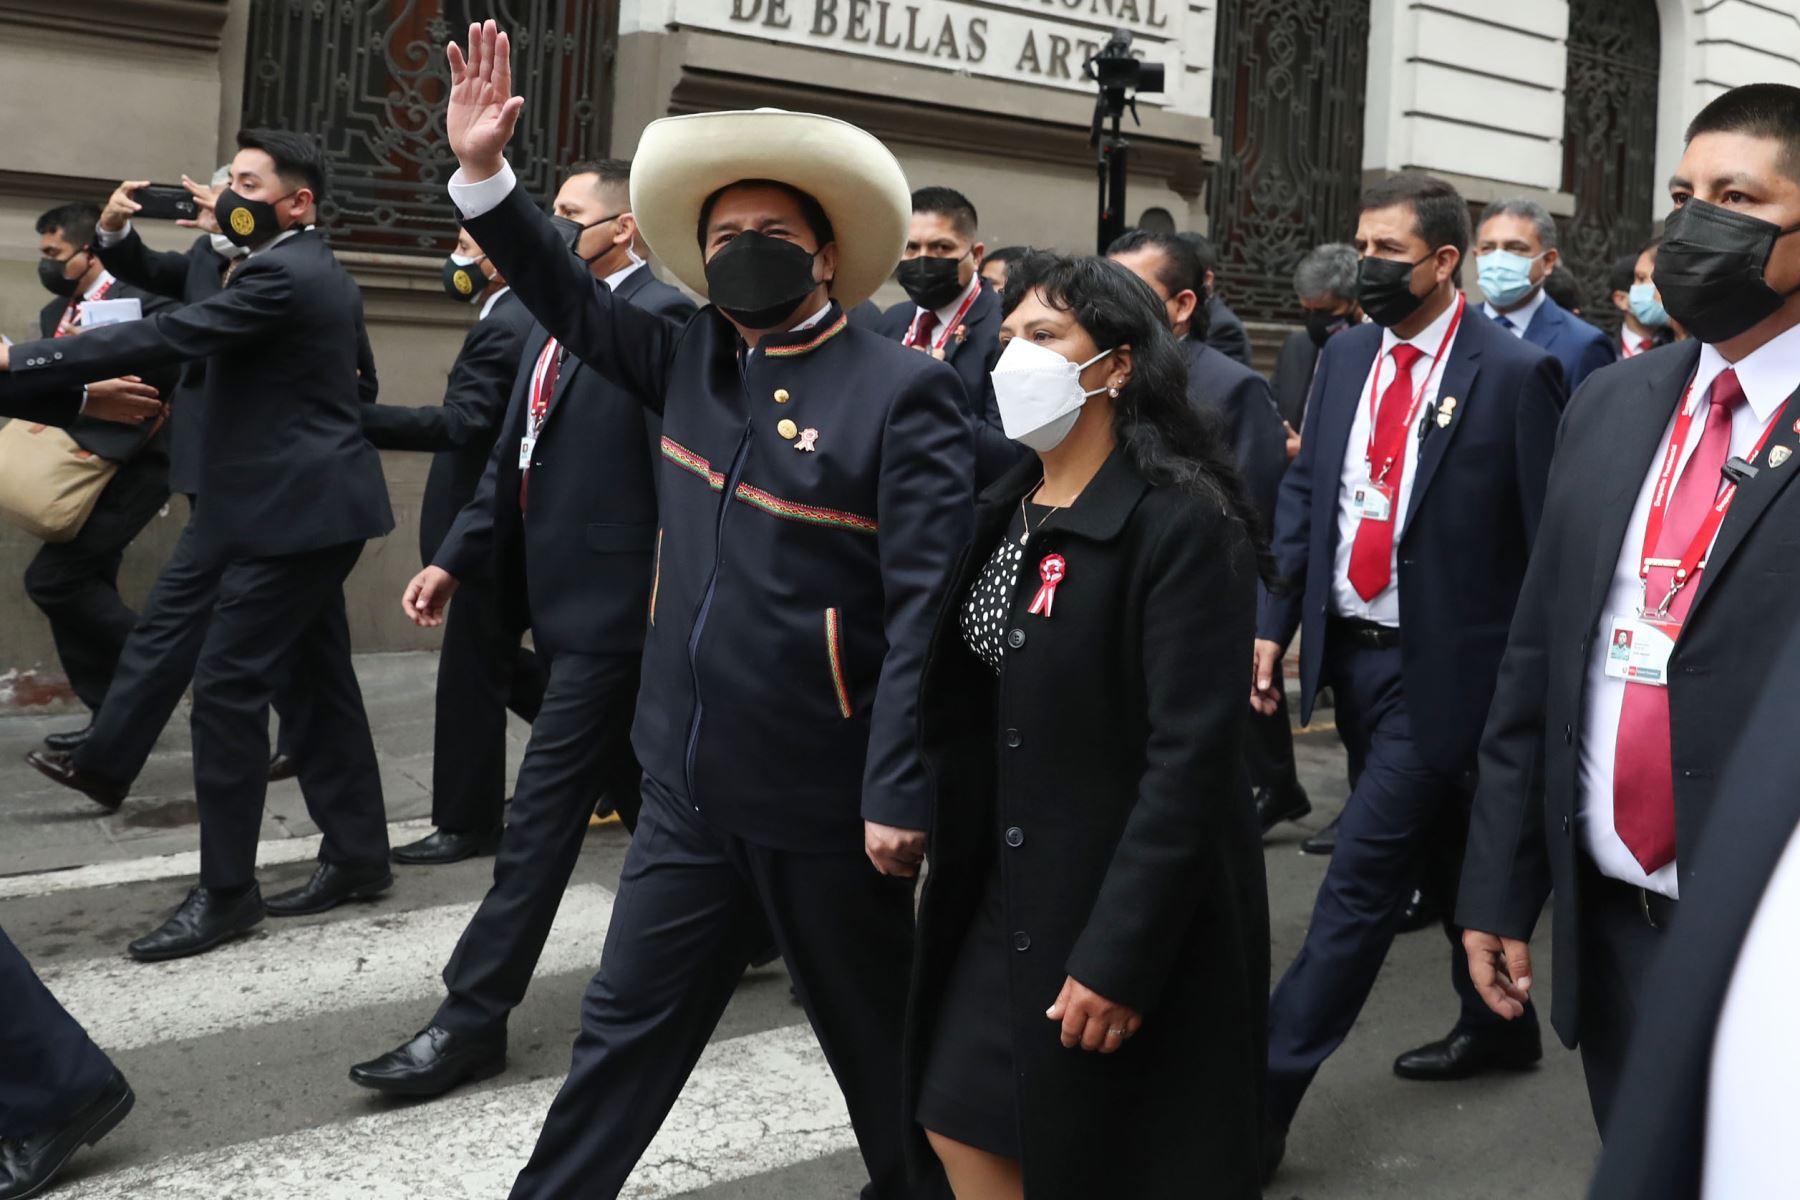 Presidente Pedro Castillo, junto a su esposa Lilia Paredes  se dirige al Congreso de la República por la calle Junín. Foto: ANDINA/Carla Patiño Ramírez